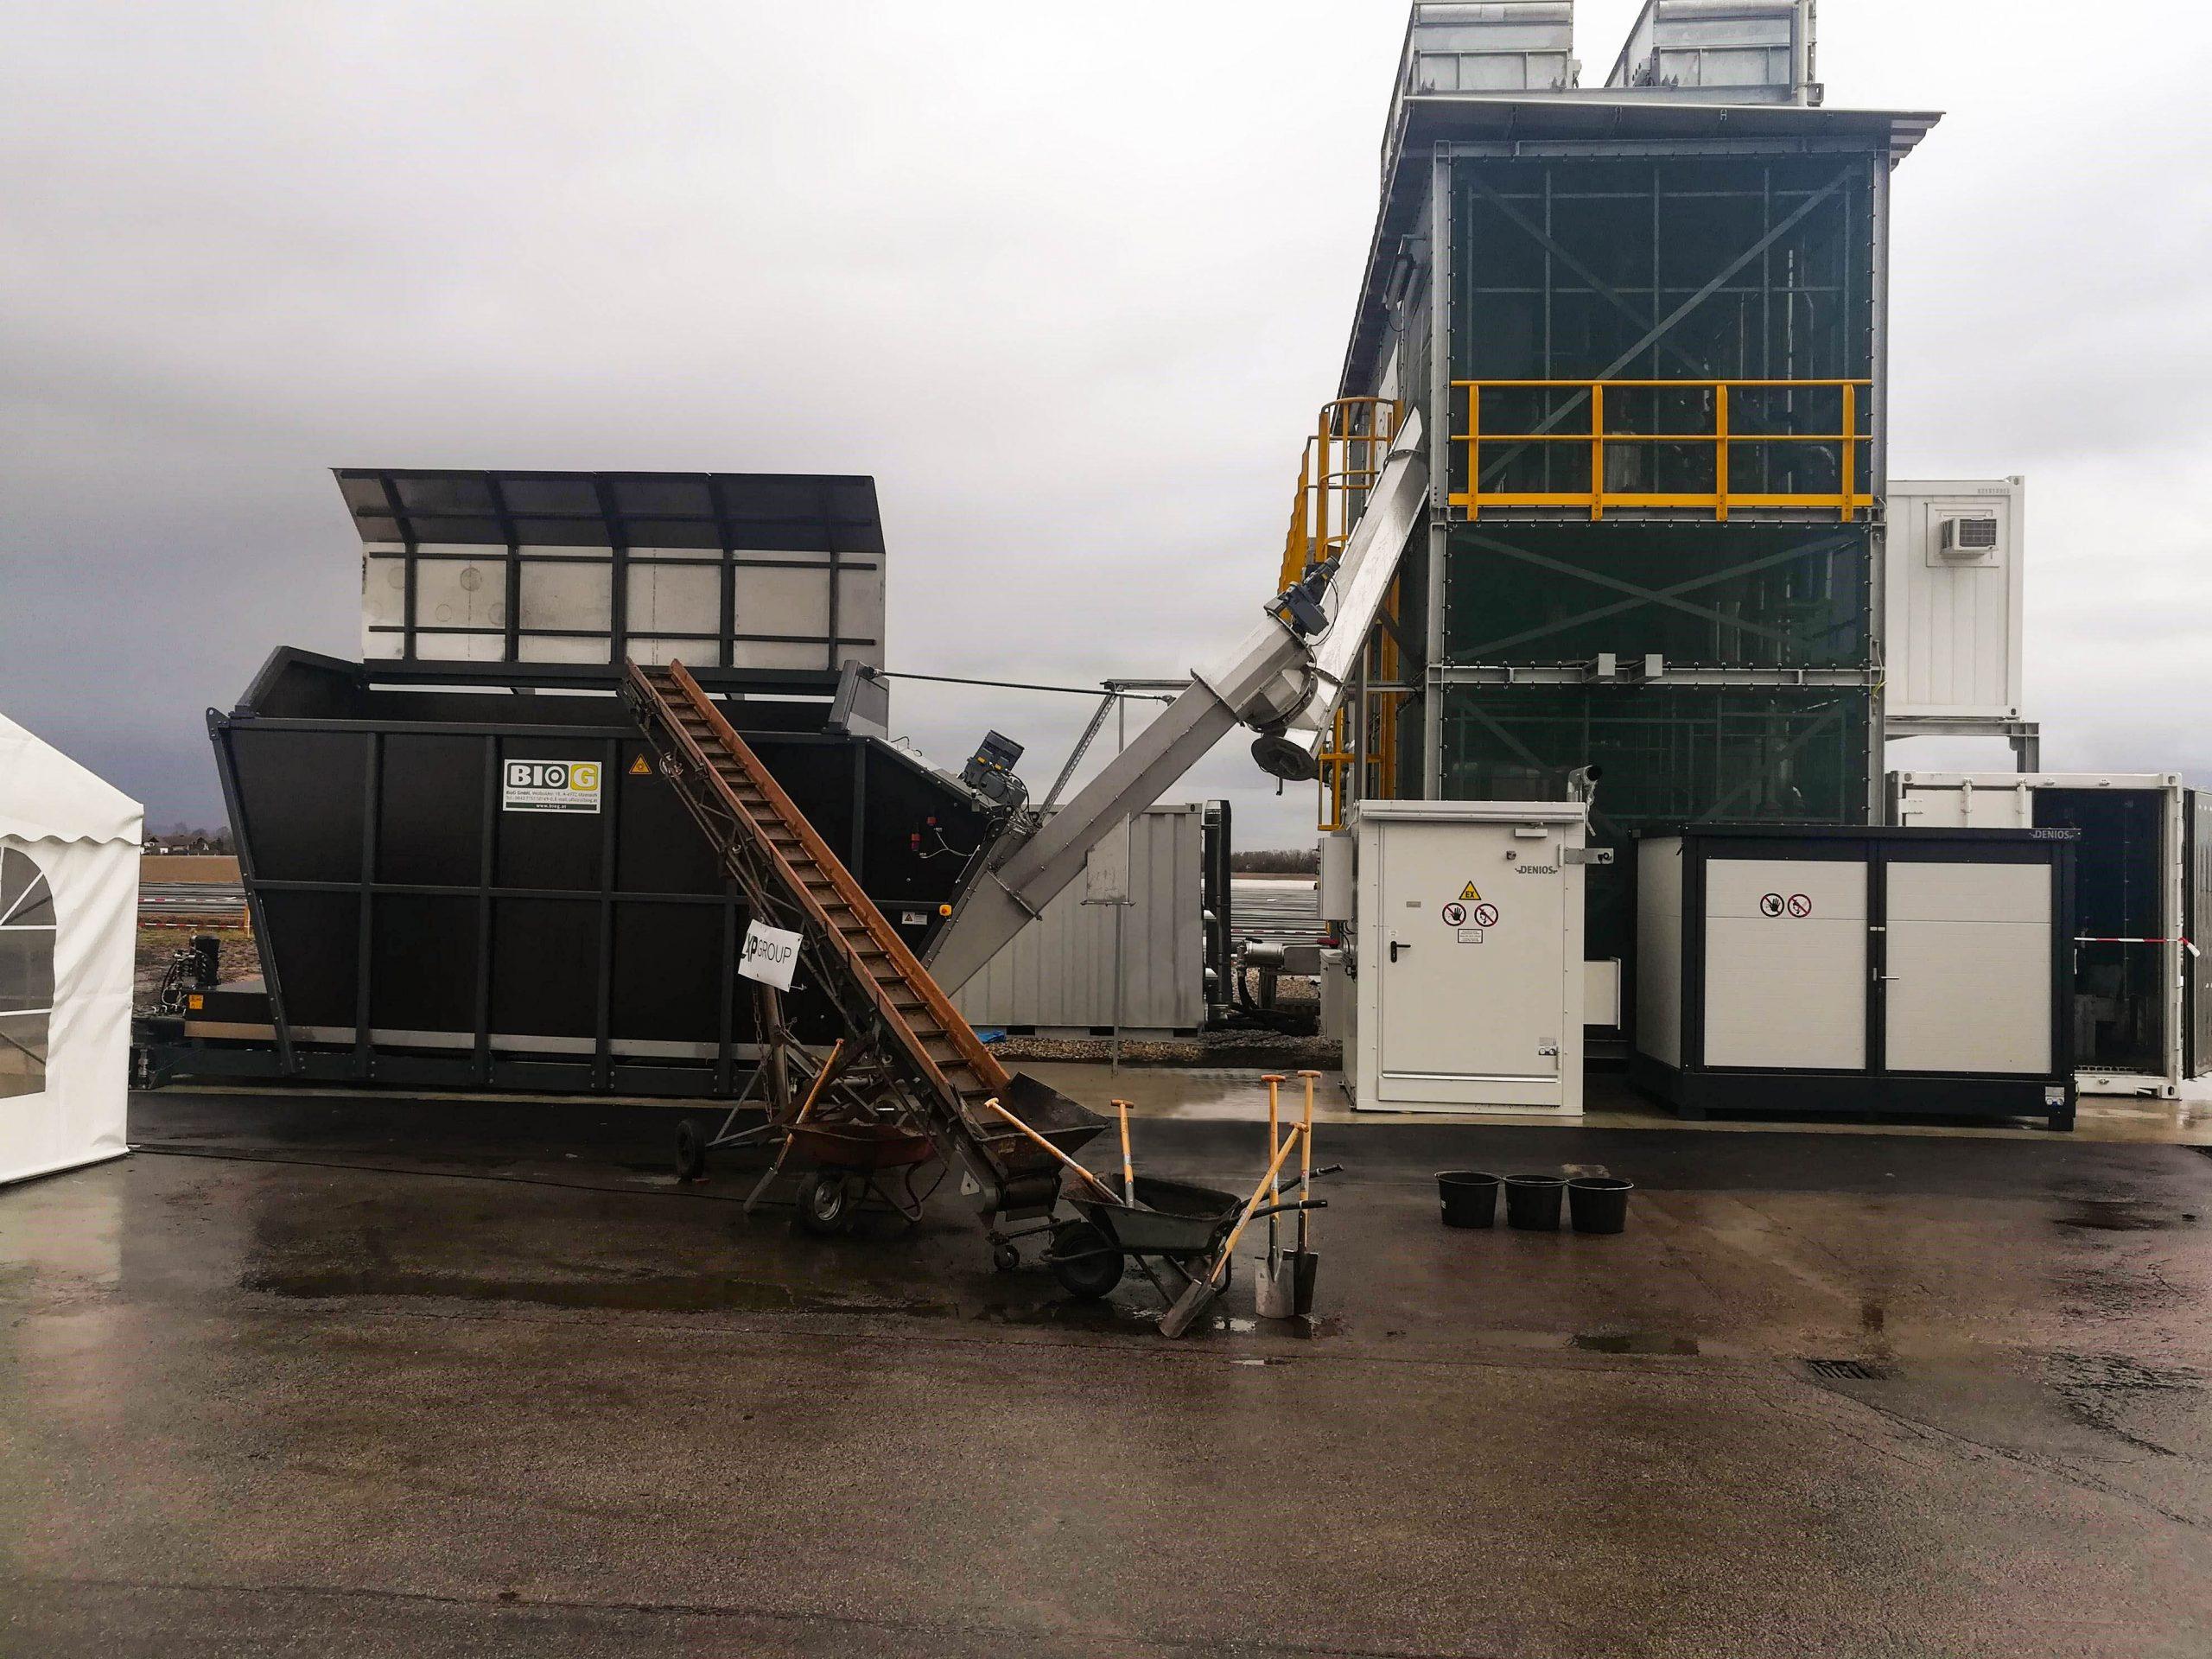 Von der Biogasanlage zur Bioraffinerie – Das LX-Verfahren als Möglichkeit